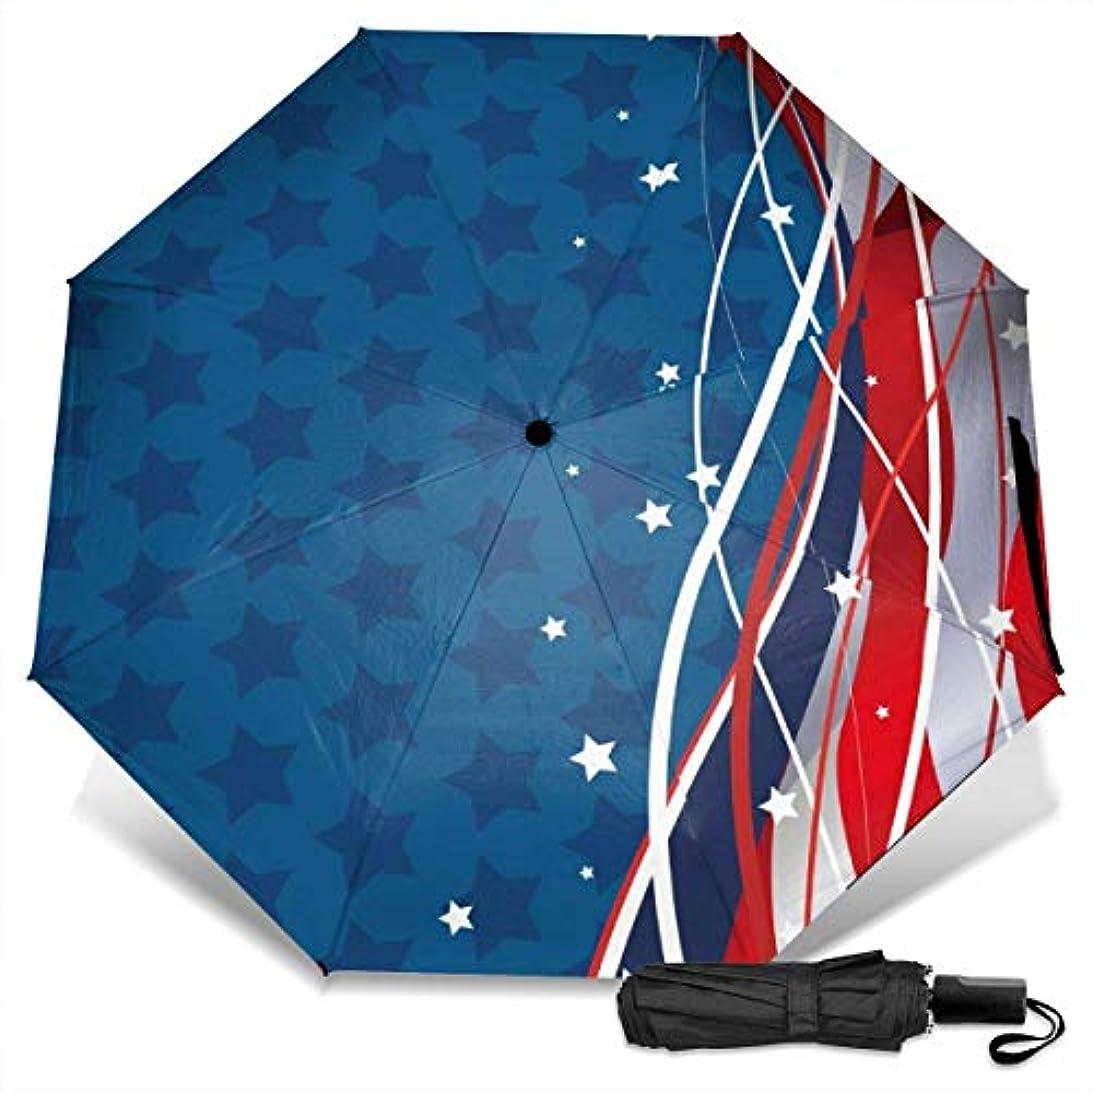 歌手くま創始者愛国的な背景星条旗折りたたみ傘 軽量 手動三つ折り傘 日傘 耐風撥水 晴雨兼用 遮光遮熱 紫外線対策 携帯用かさ 出張旅行通勤 女性と男性用 (黒ゴム)